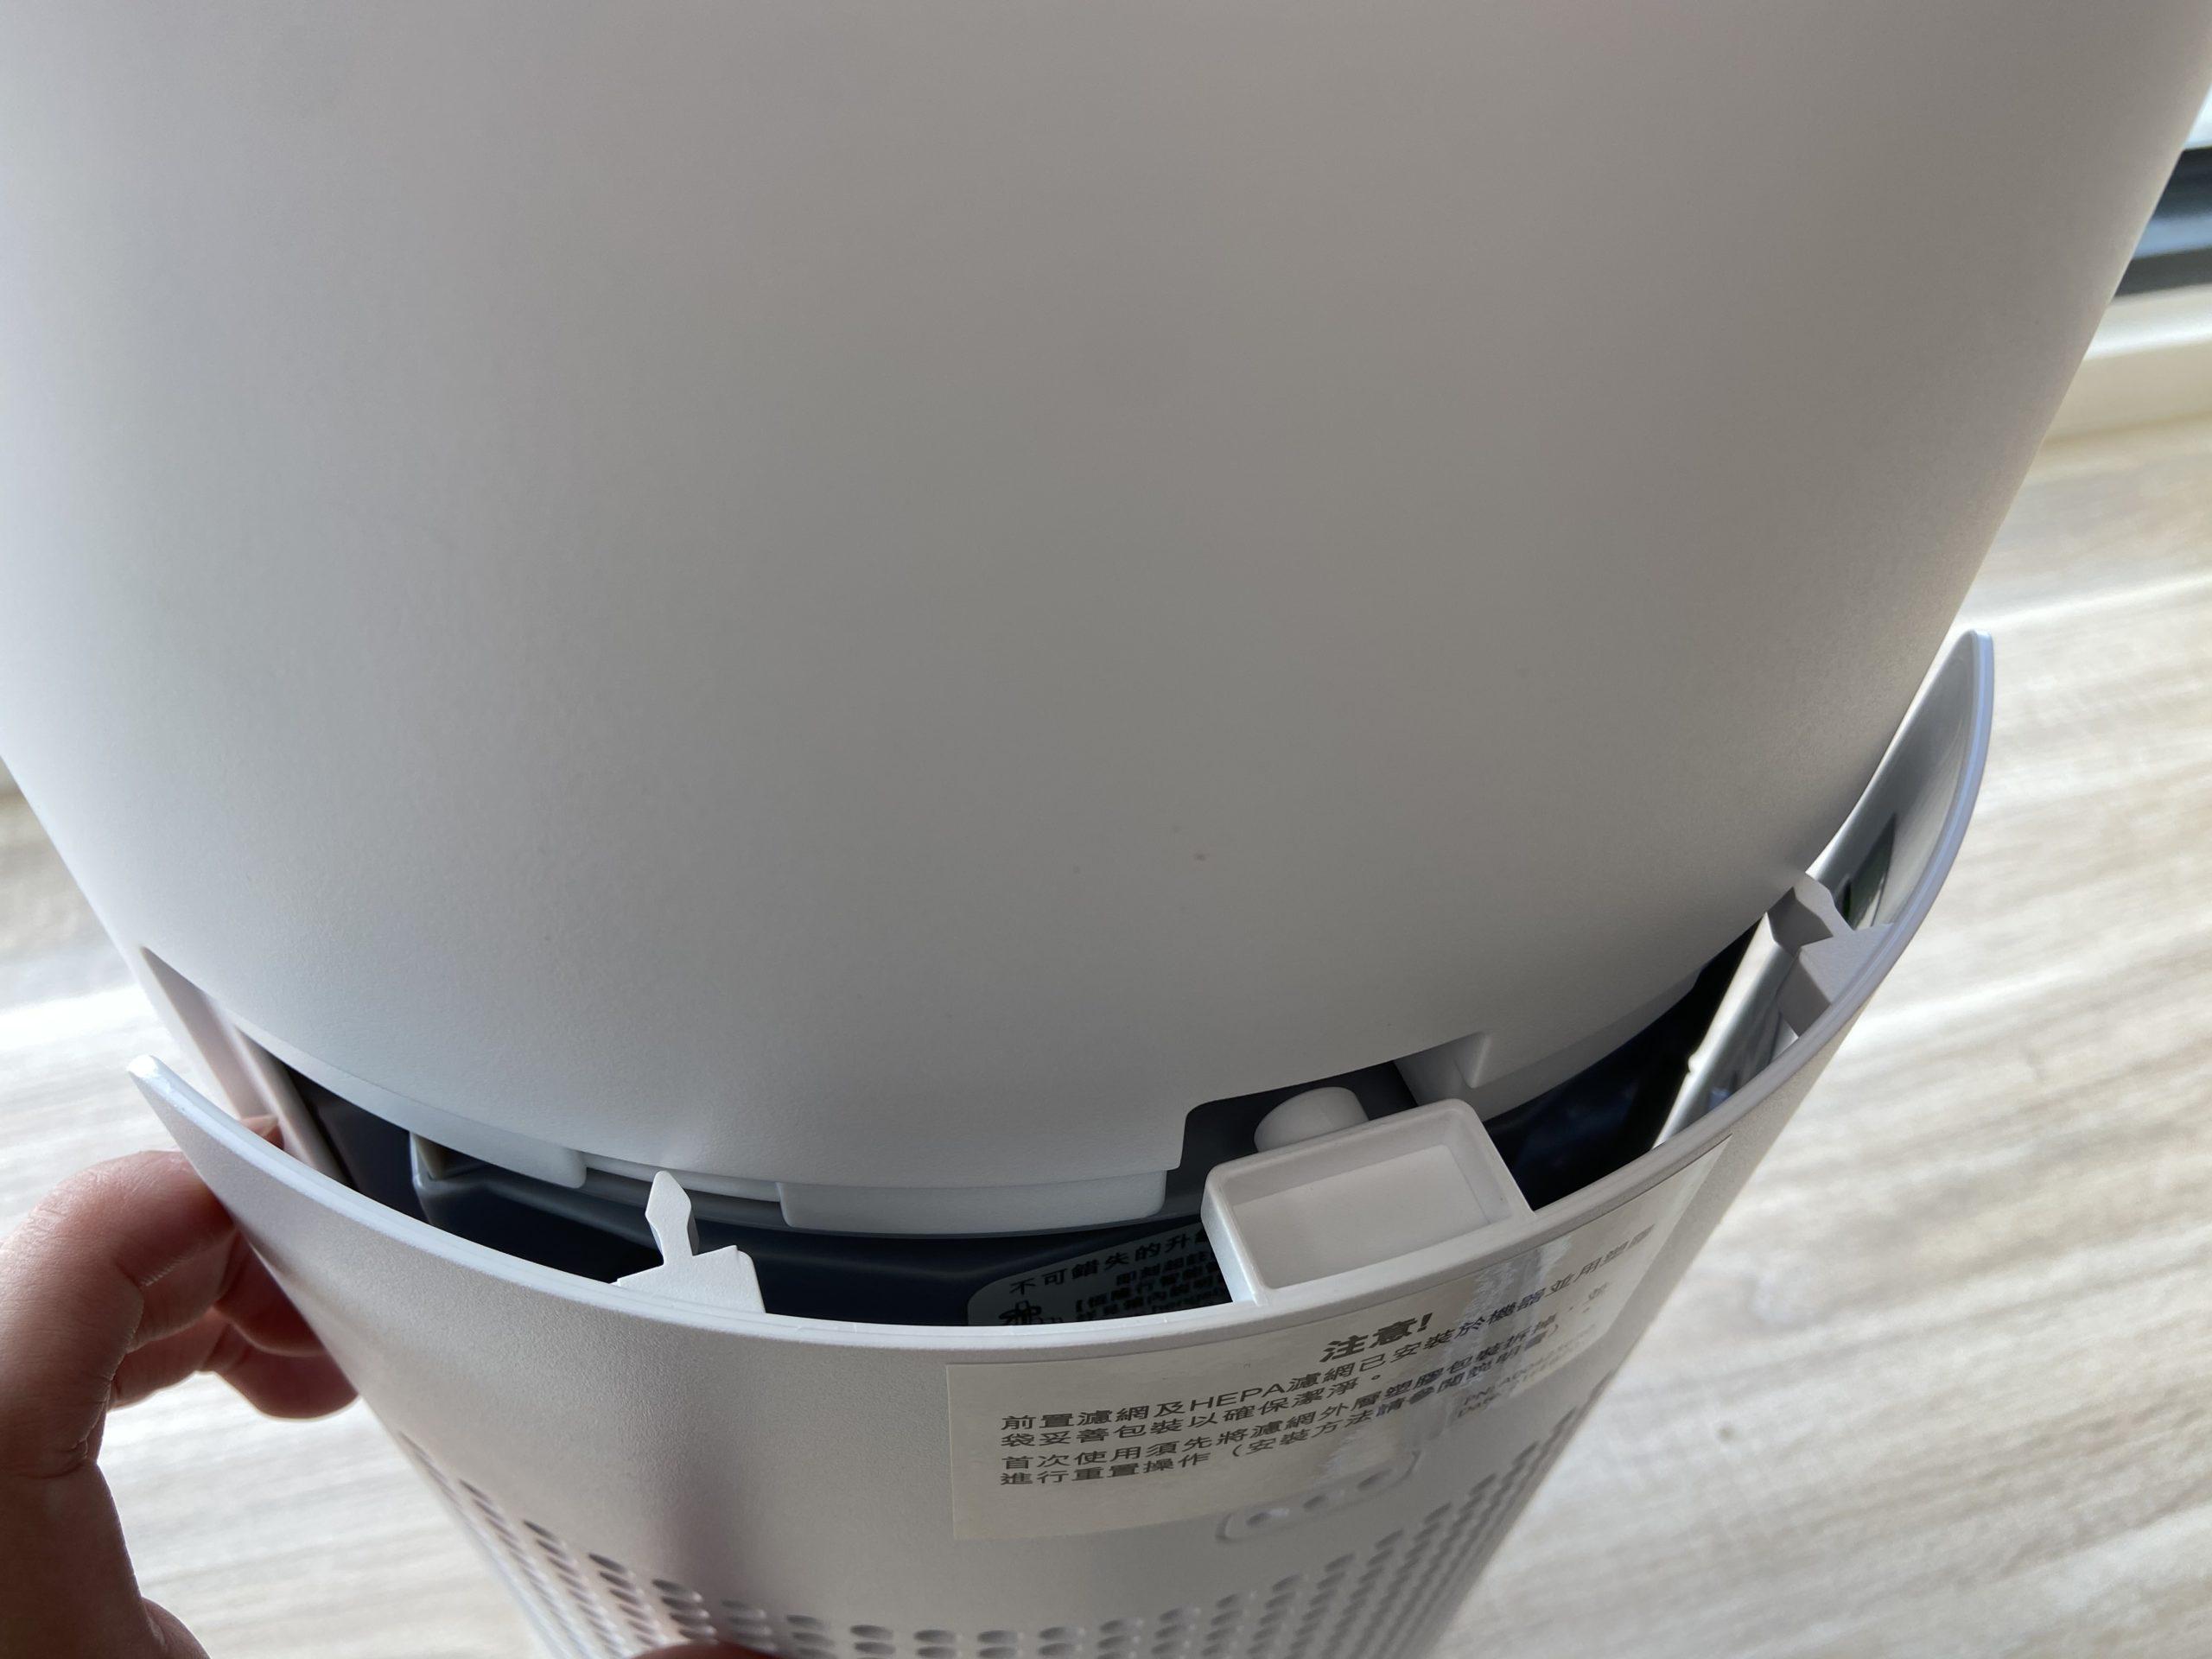 Honeywell HPA 830 淨香氛空氣清淨機 網格罩 拆開圖1